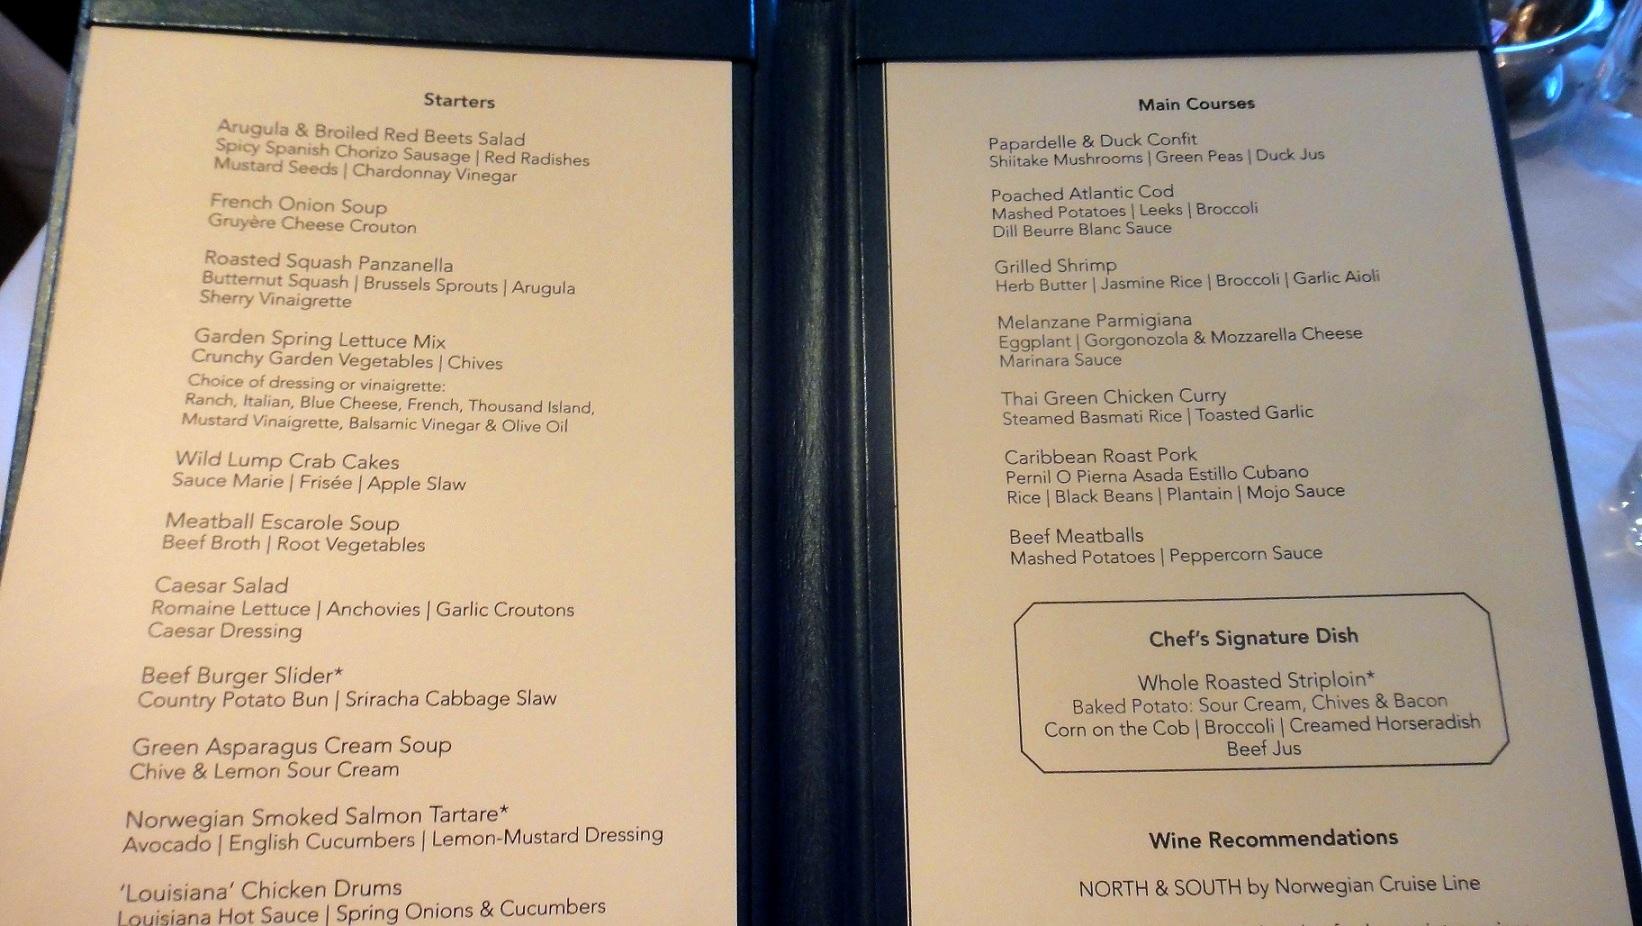 看著菜單上密密麻麻的英文,該怎麼點餐?